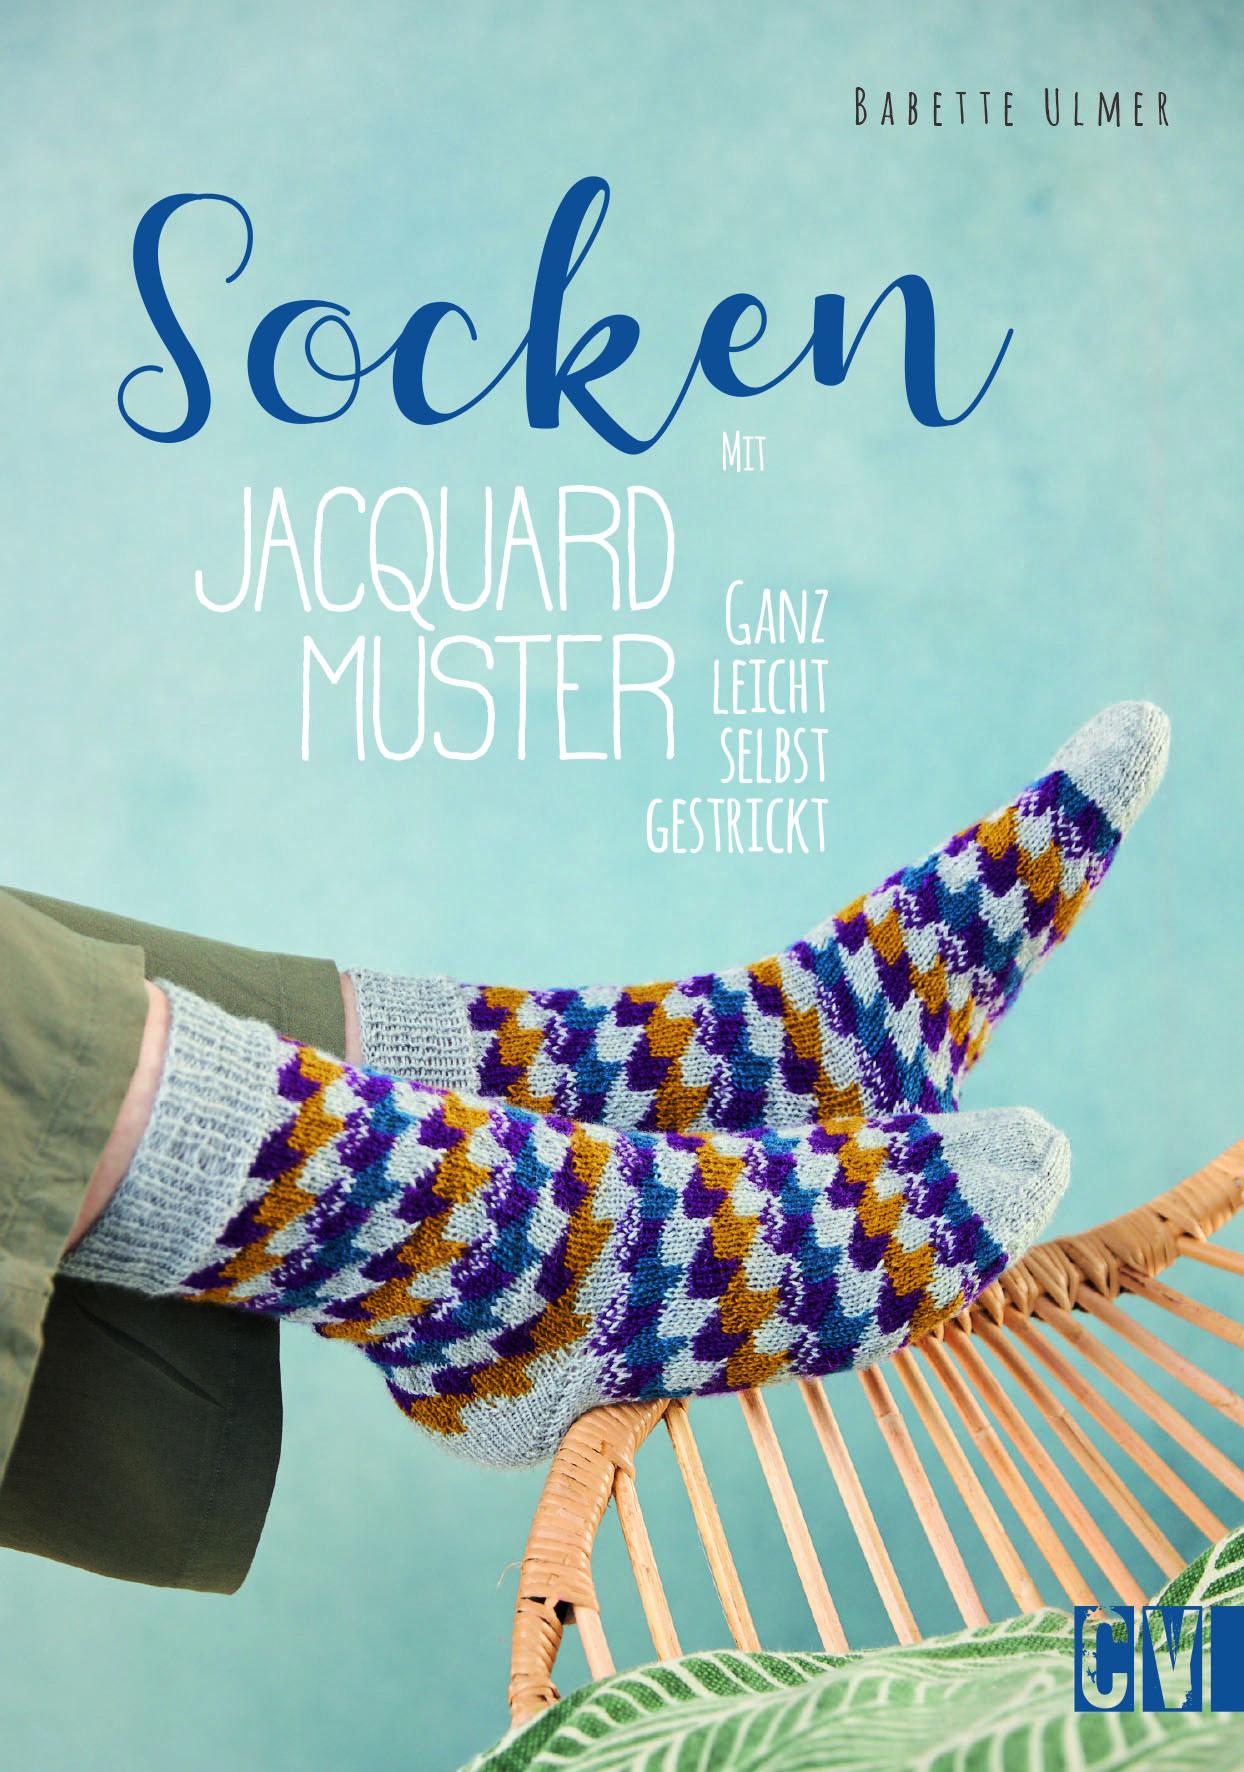 CV 6595 Socken mit Jacquard-Muster